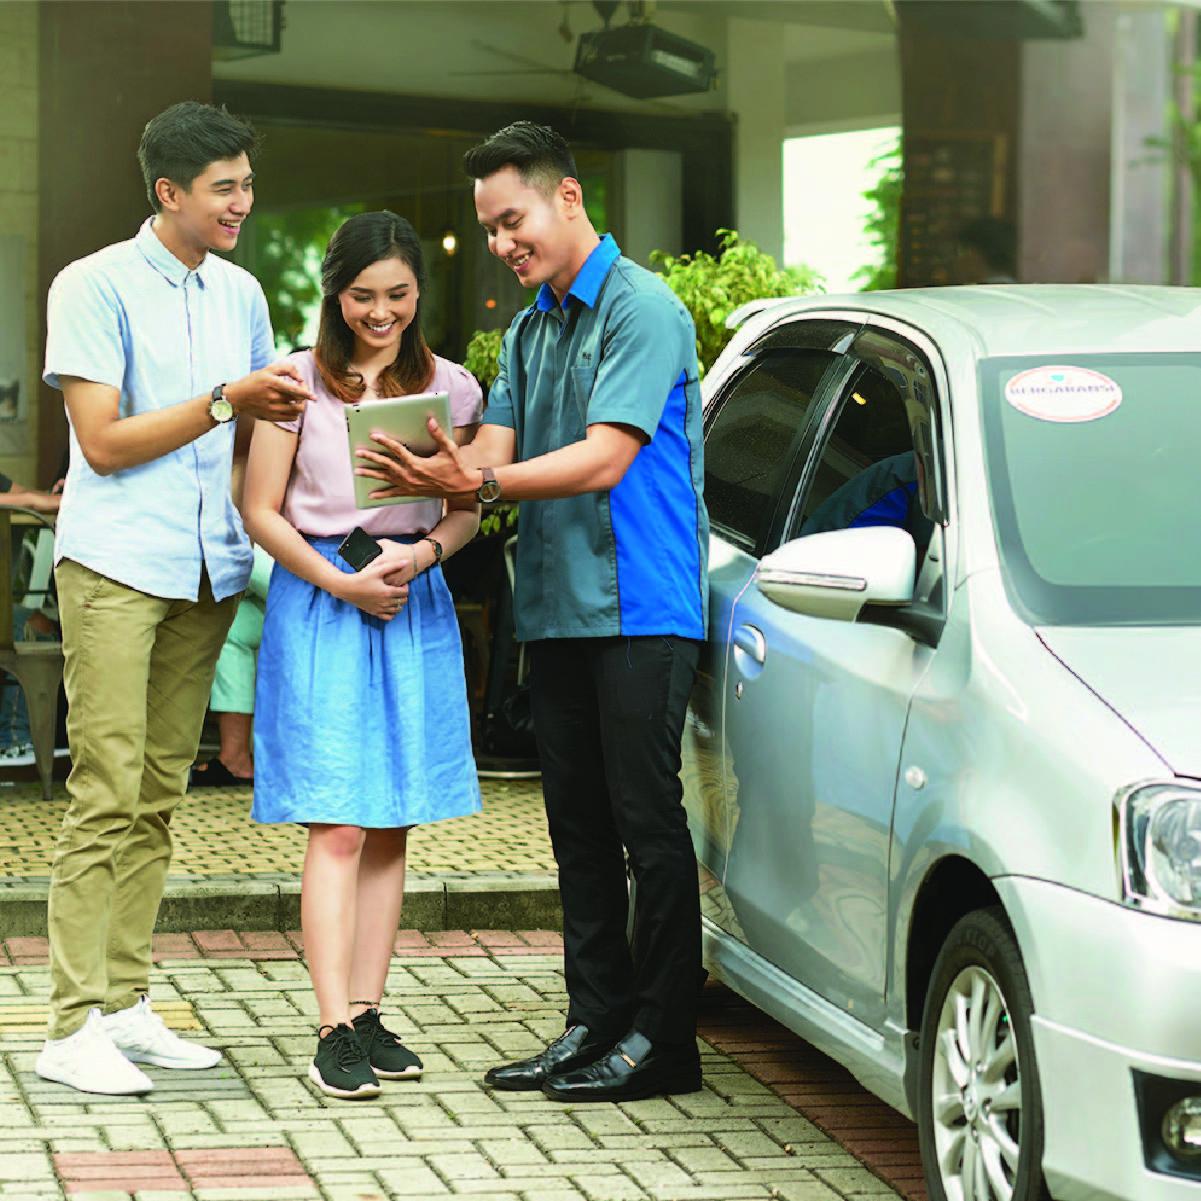 Perkembangan E-commerce, Dorong Pebisnis Mobil Bekas  Hadirkan Layanan Prima